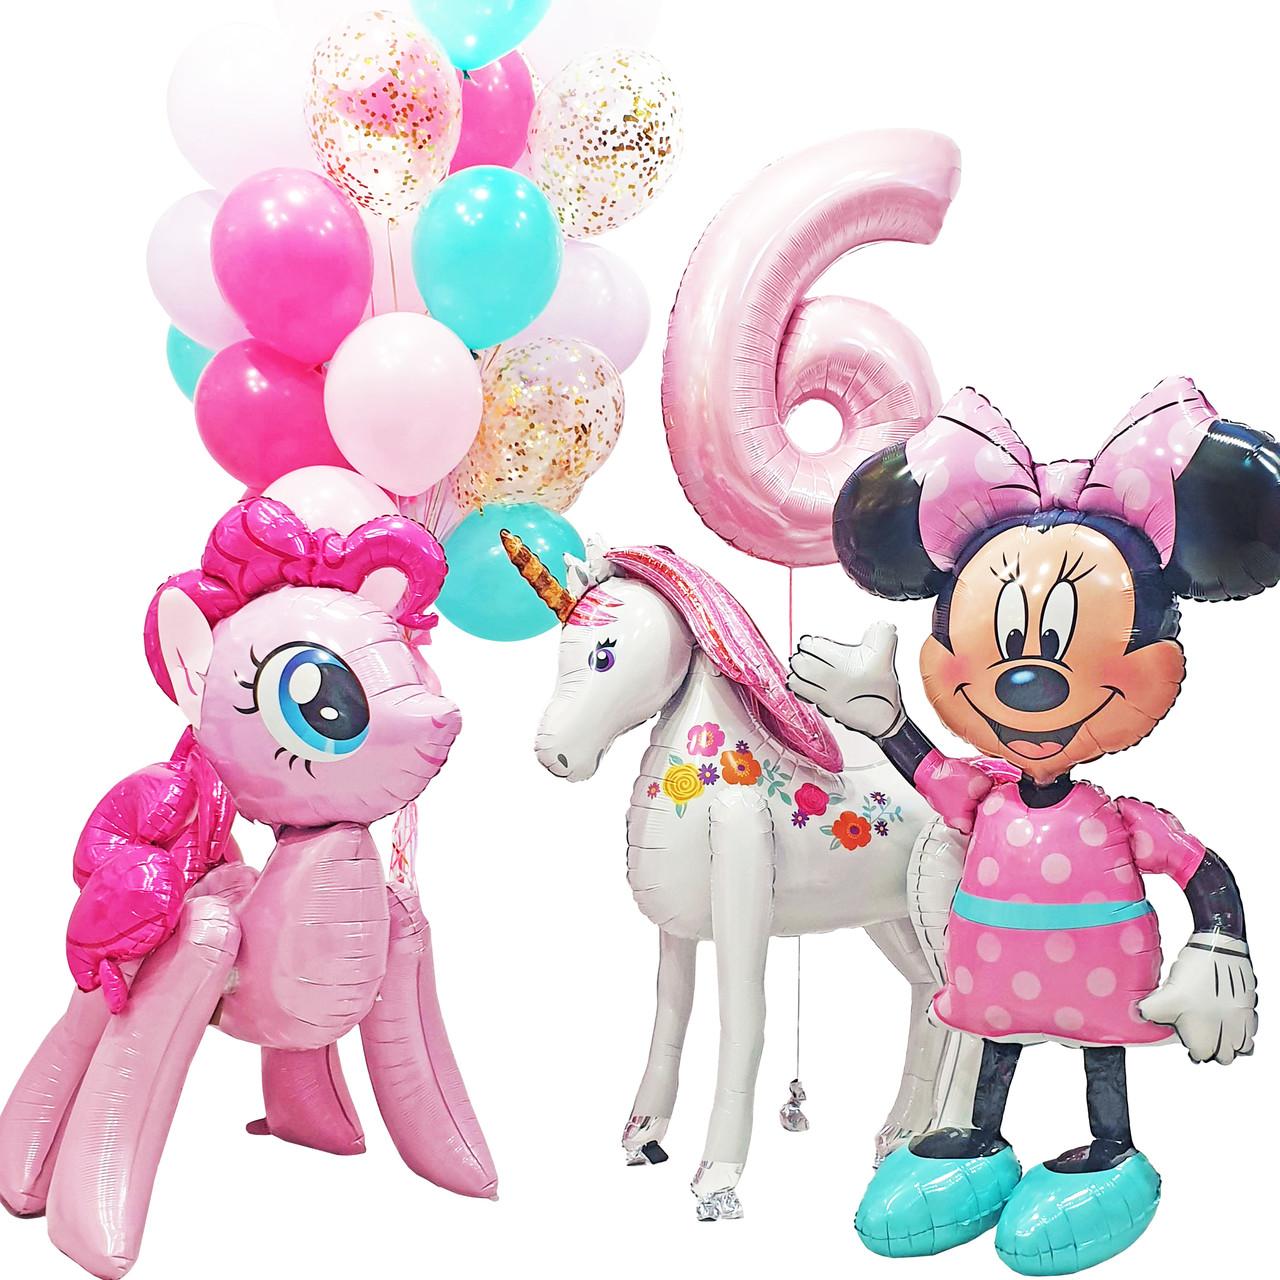 Оформление для девочки с Пинки пай, Минни Маус, Единорогом, цифрой и связкой из 25 шаров